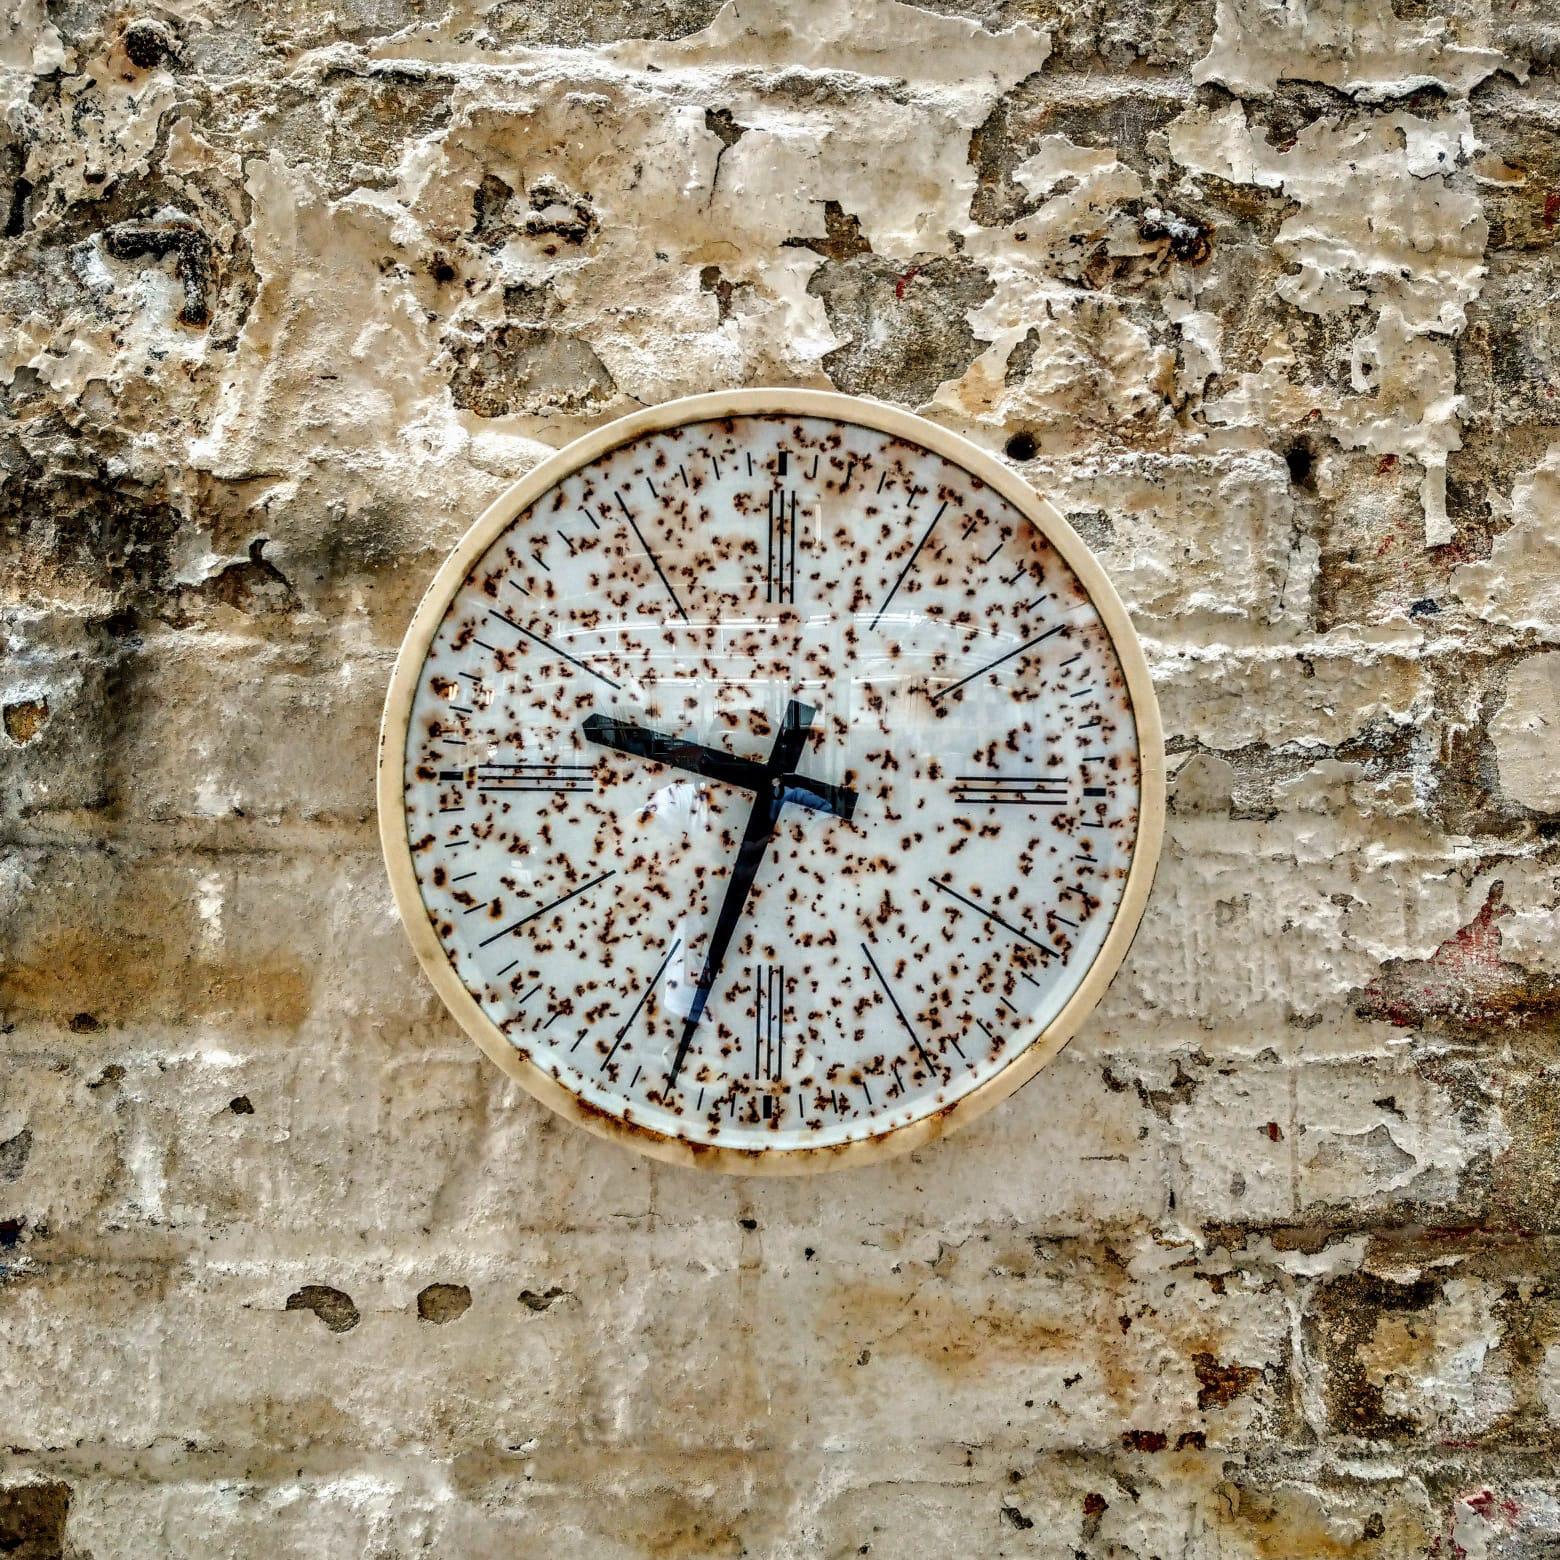 German clock by Bürk